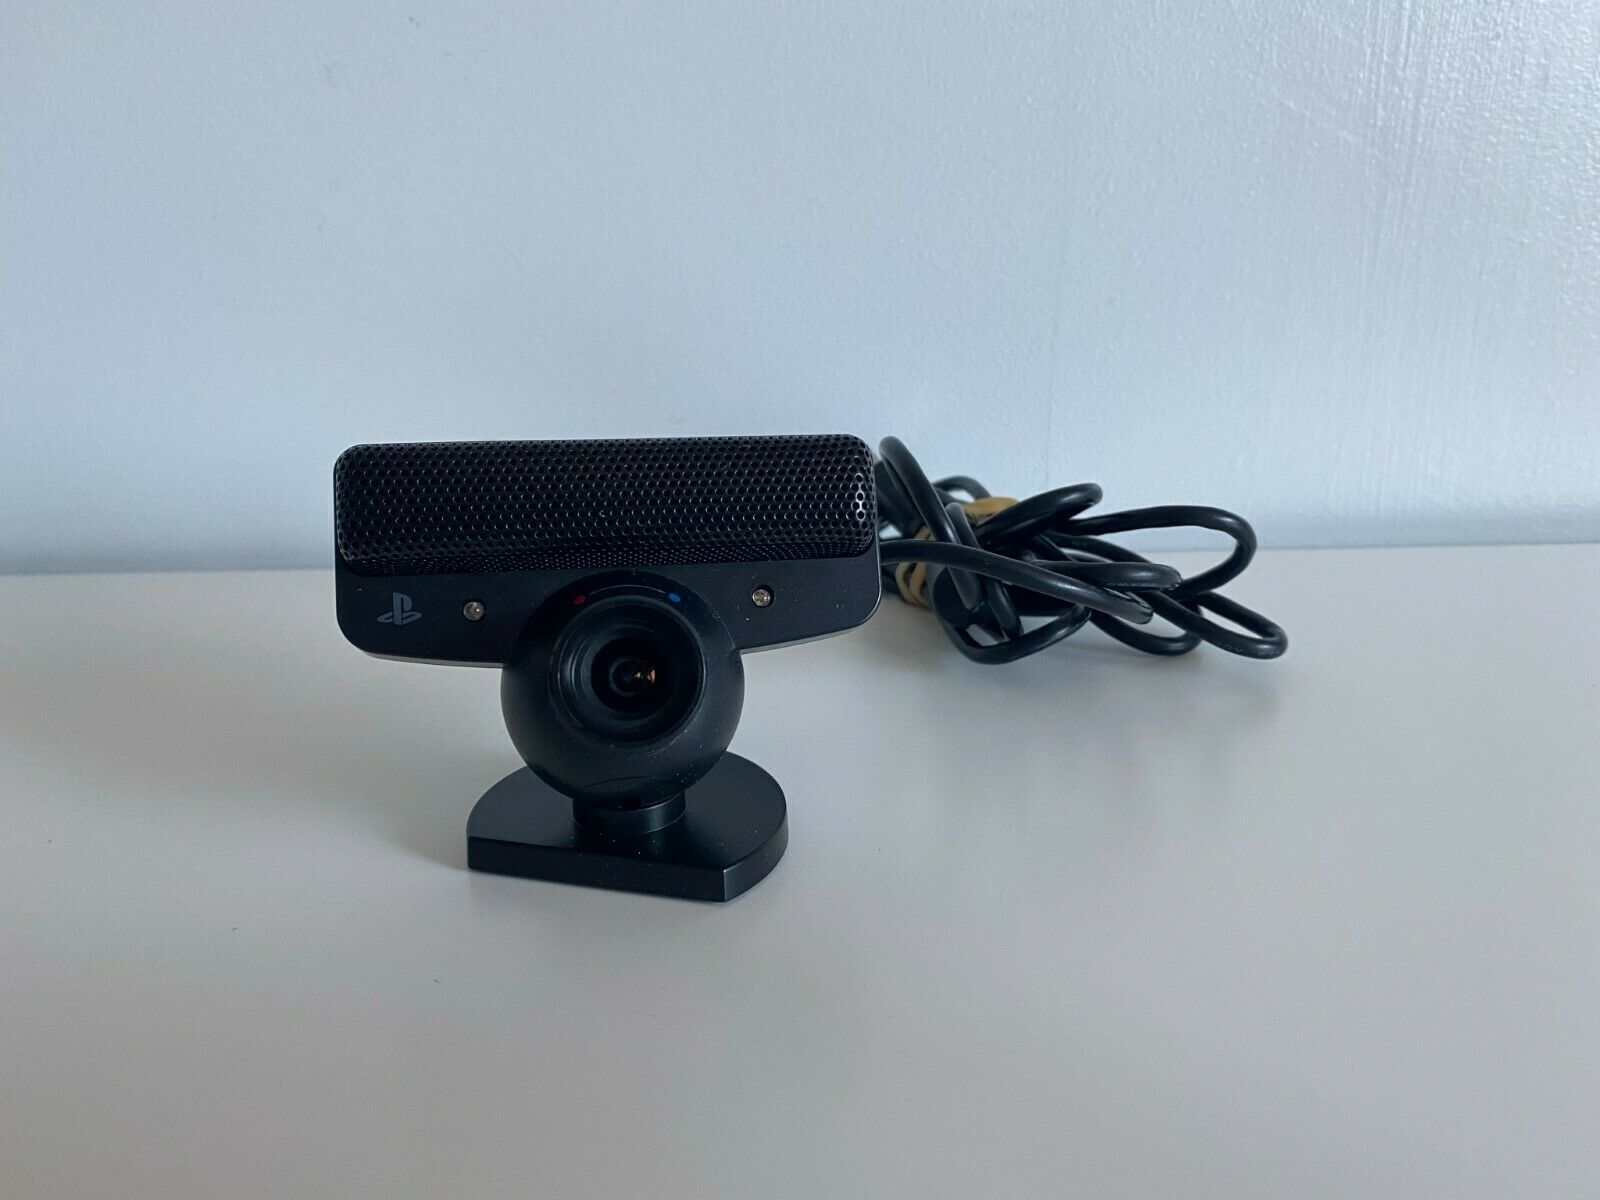 Genuine Sony PlayStation 3 : PS3 Eye Toy Camera Sony